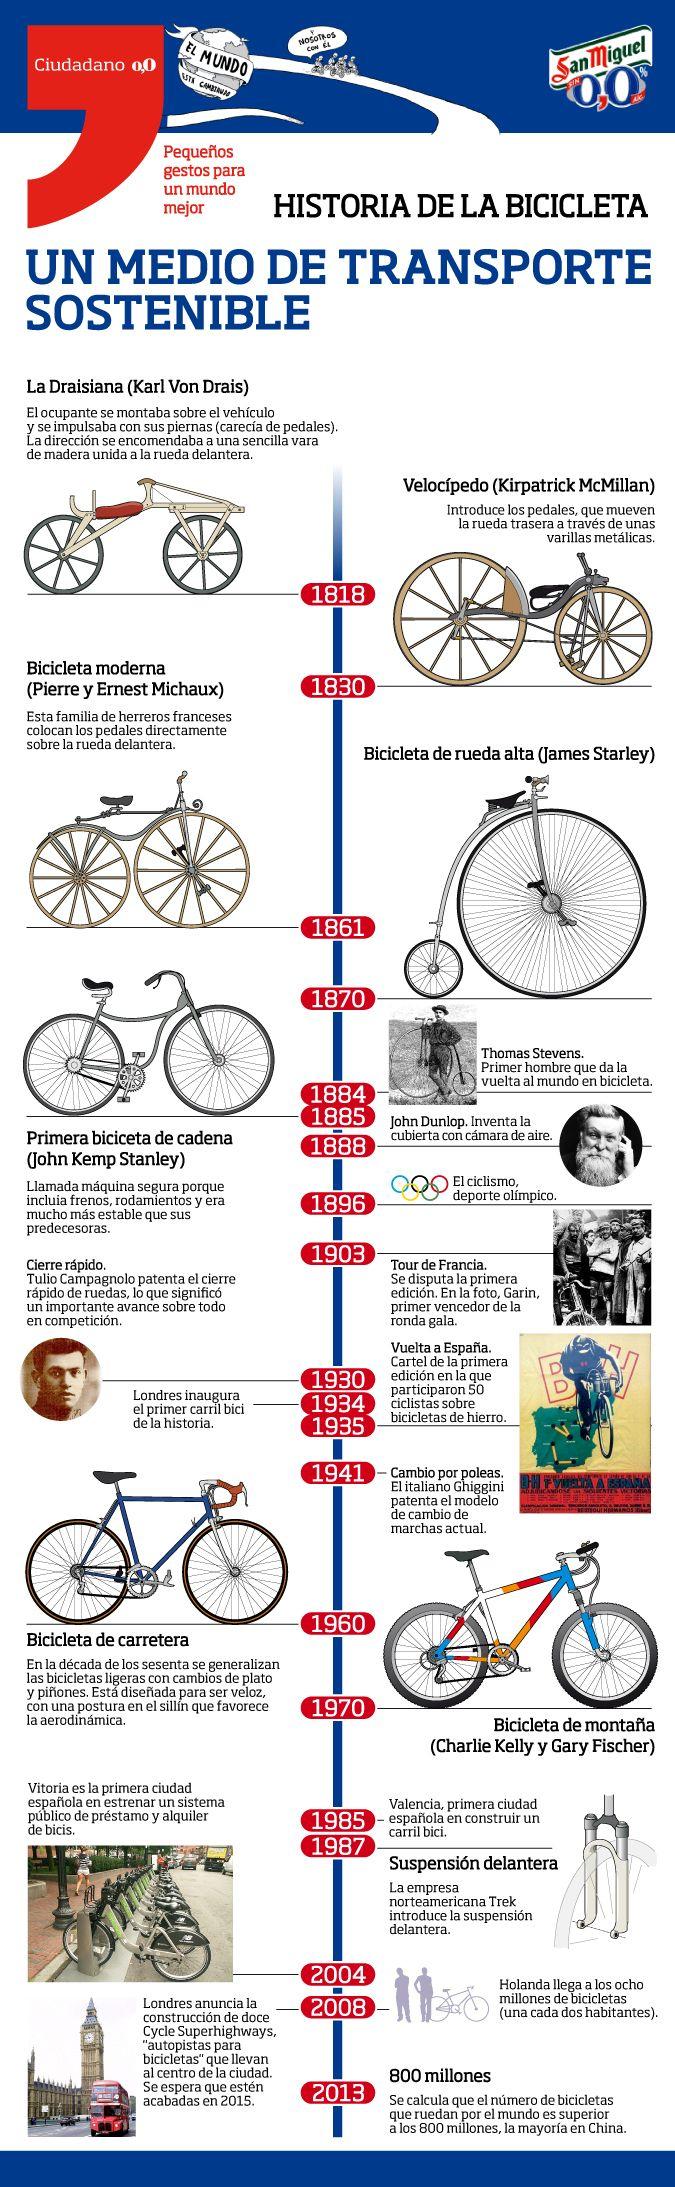 SANMIGUEL Historia de la bicicleta #bear #bycicle